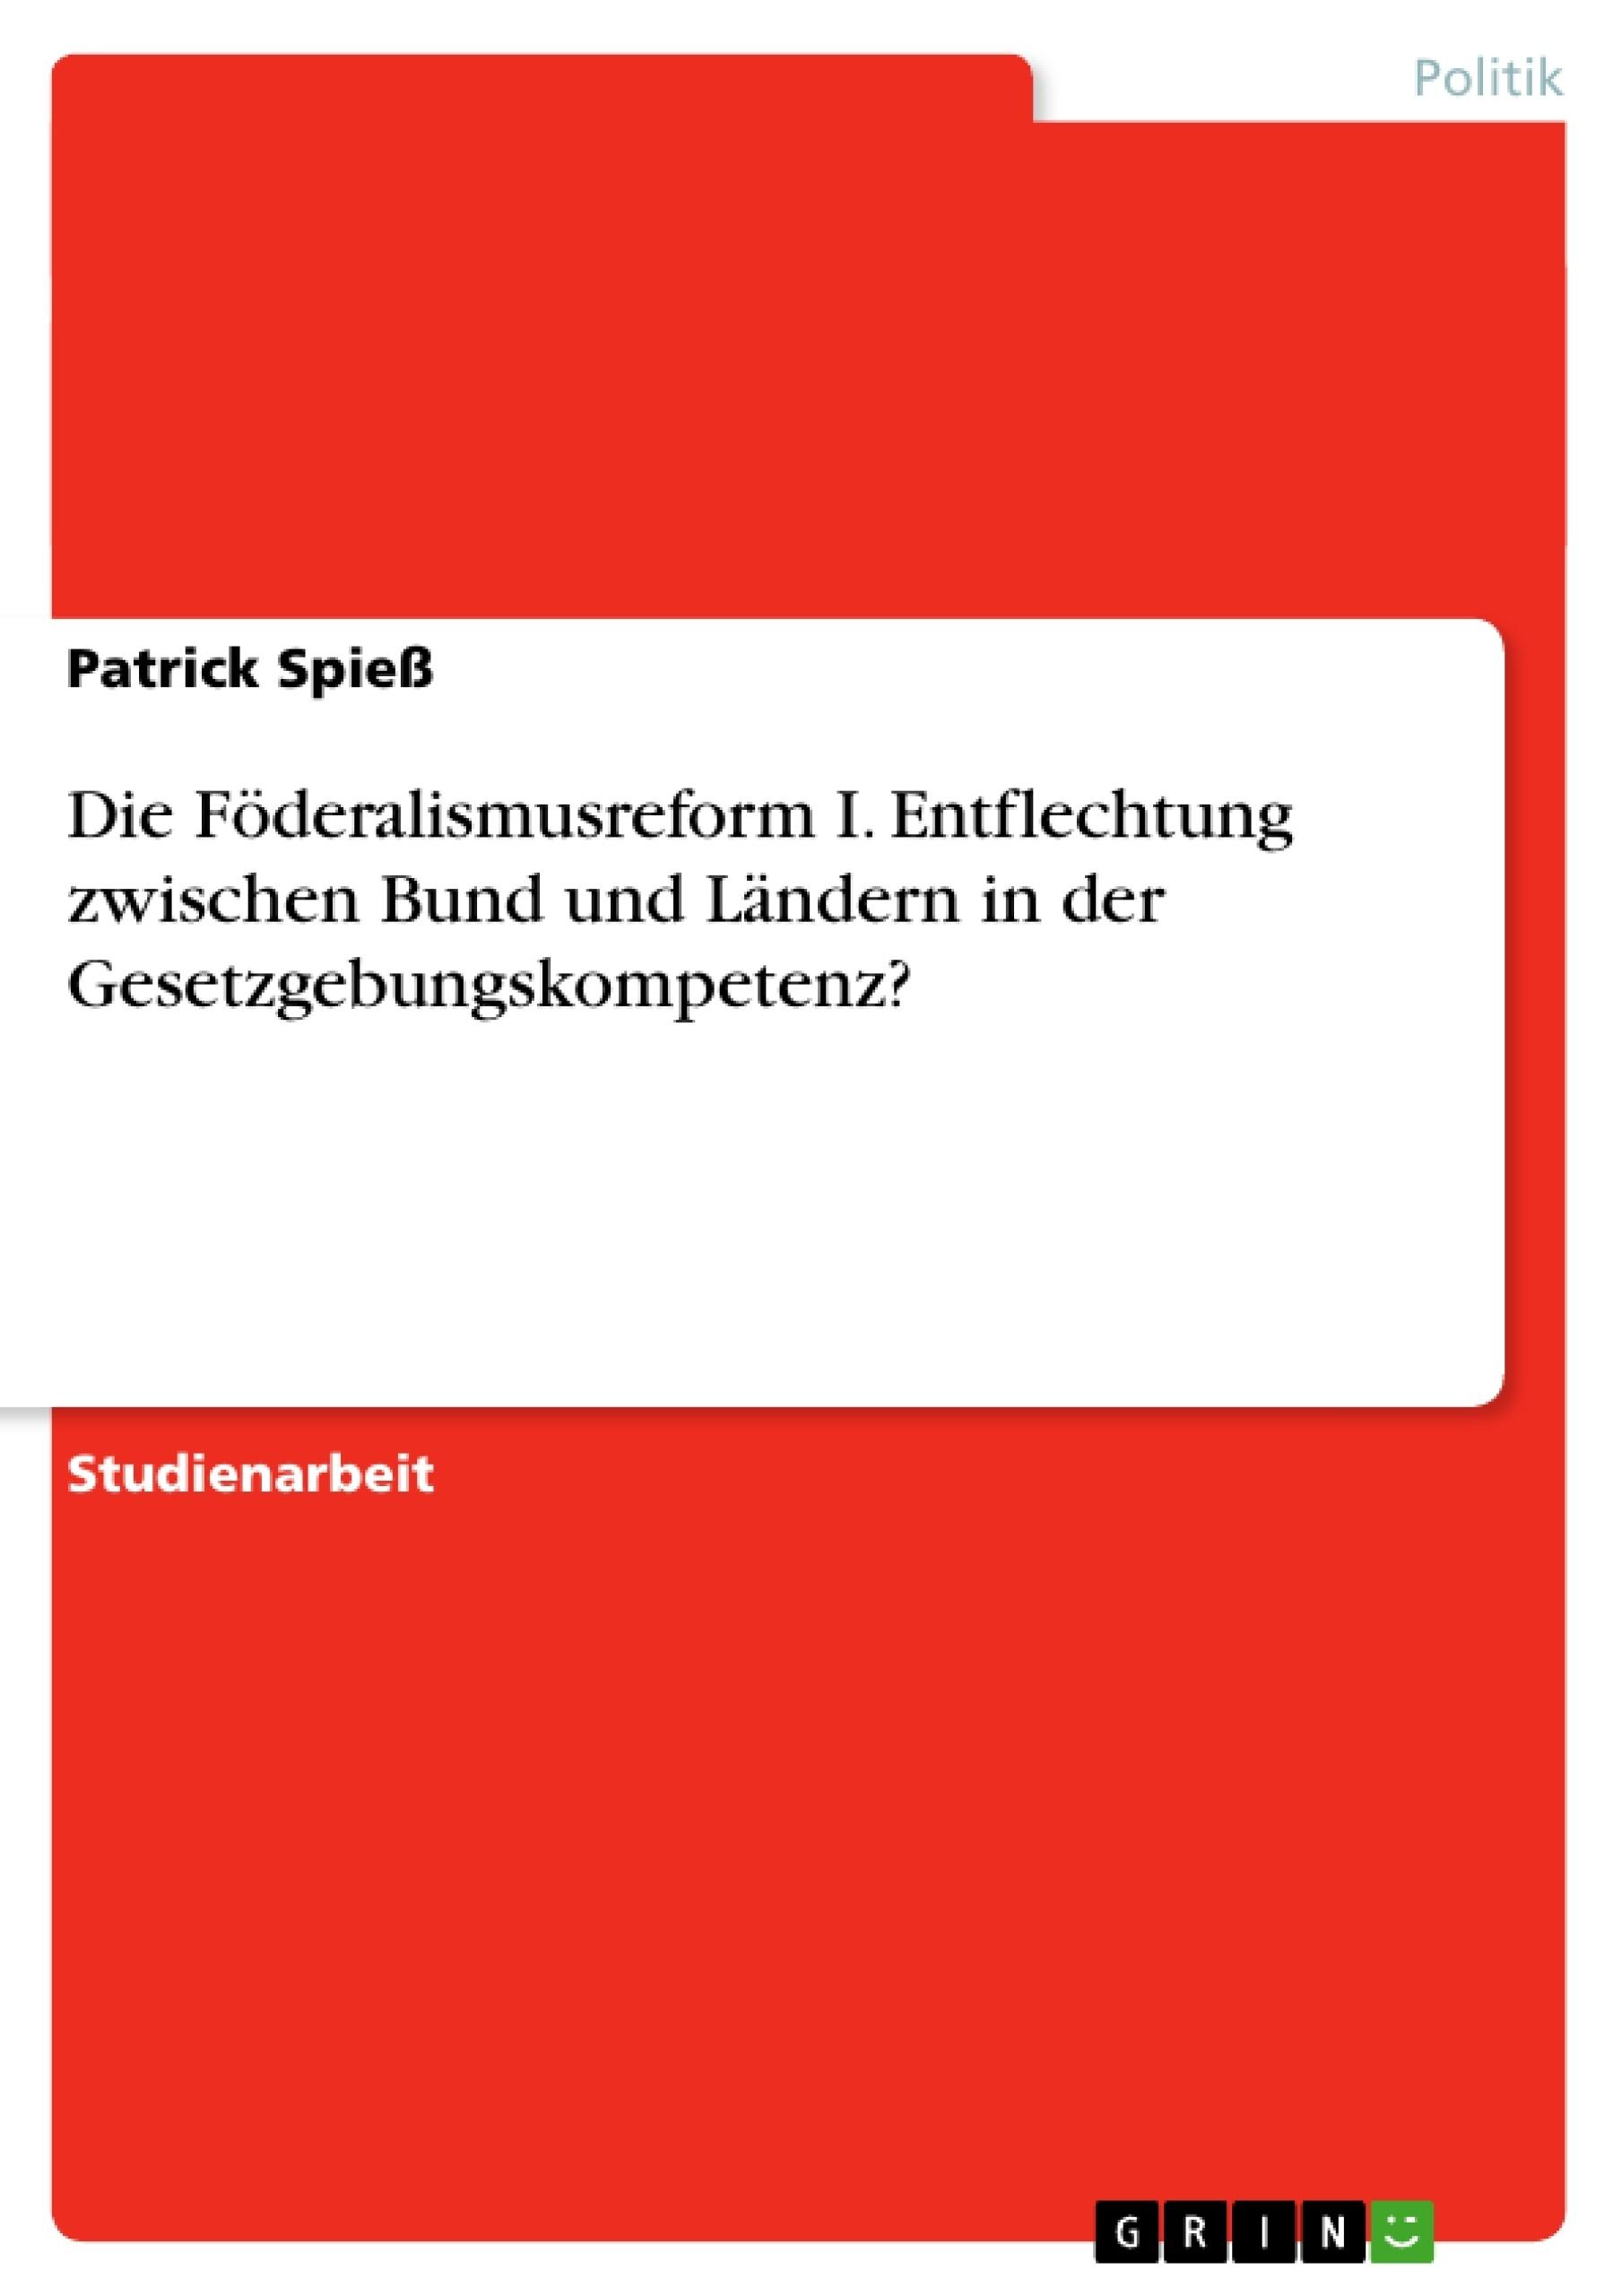 Titel: Die Föderalismusreform I. Entflechtung zwischen Bund und Ländern in der Gesetzgebungskompetenz?